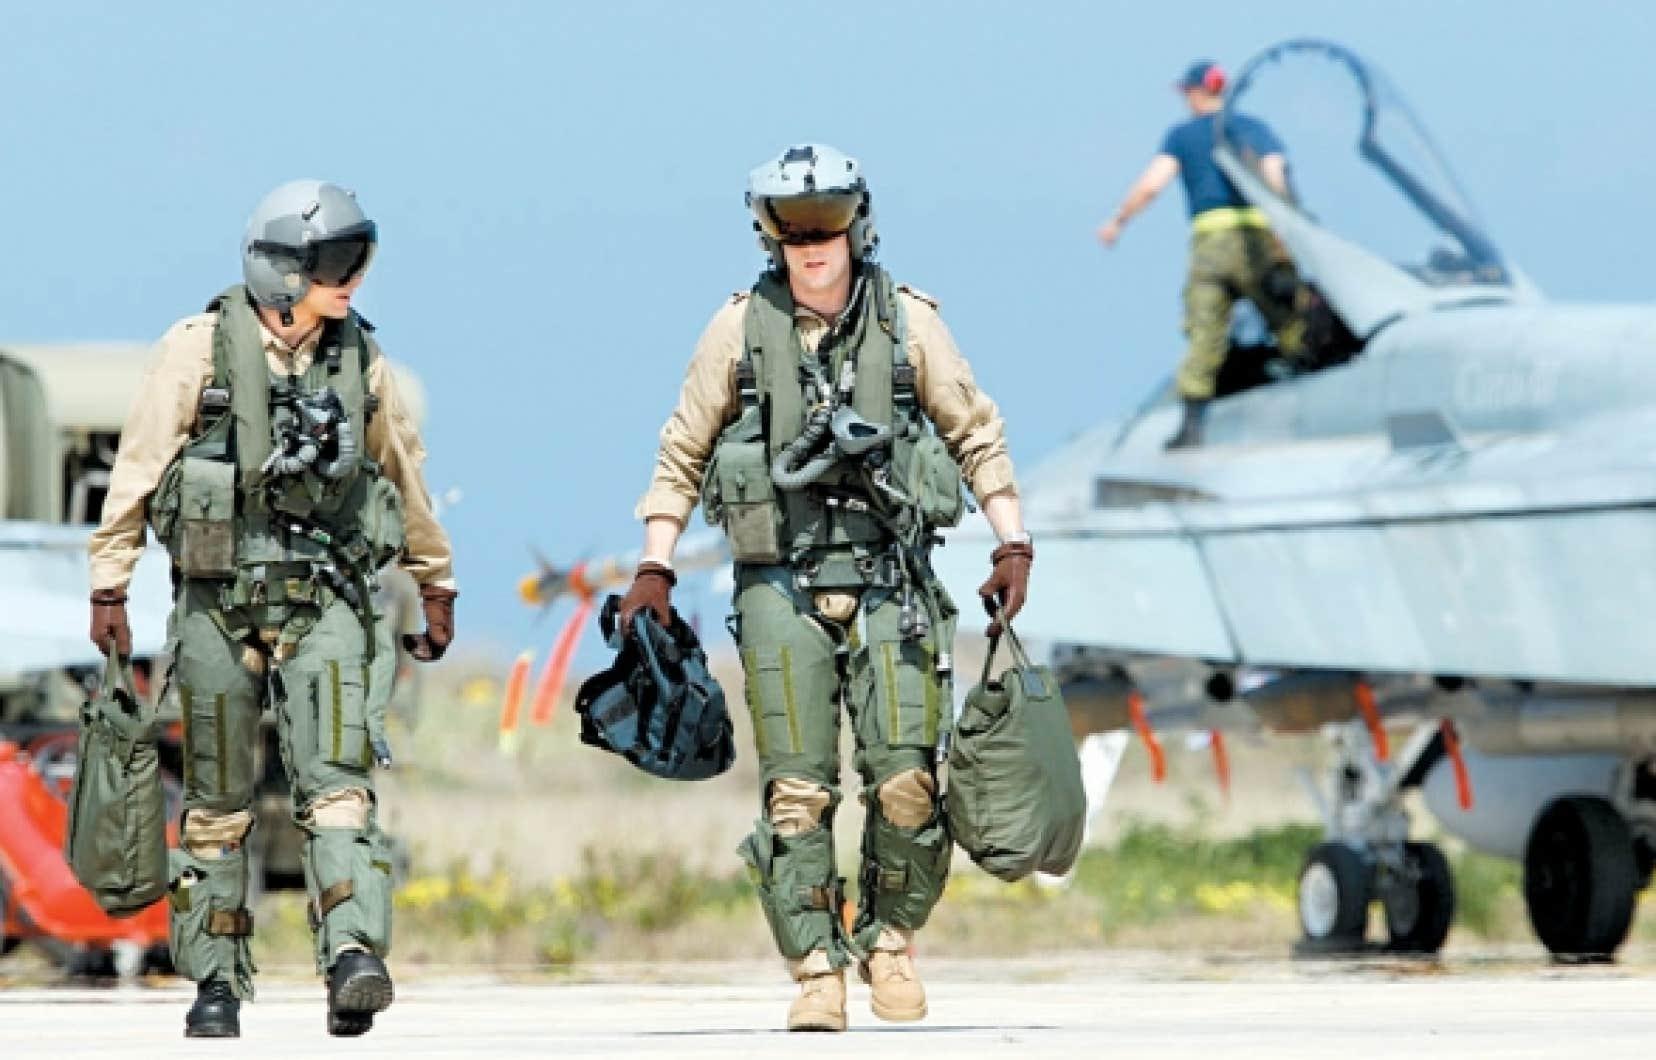 Selon les chiffres d'Ottawa, la mission en Libye a coûté 26 millions de dollars jusqu'à maintenant. 34 millions supplémentaires seraient nécessaires pour la poursuivre jusqu'à la fin septembre.<br />